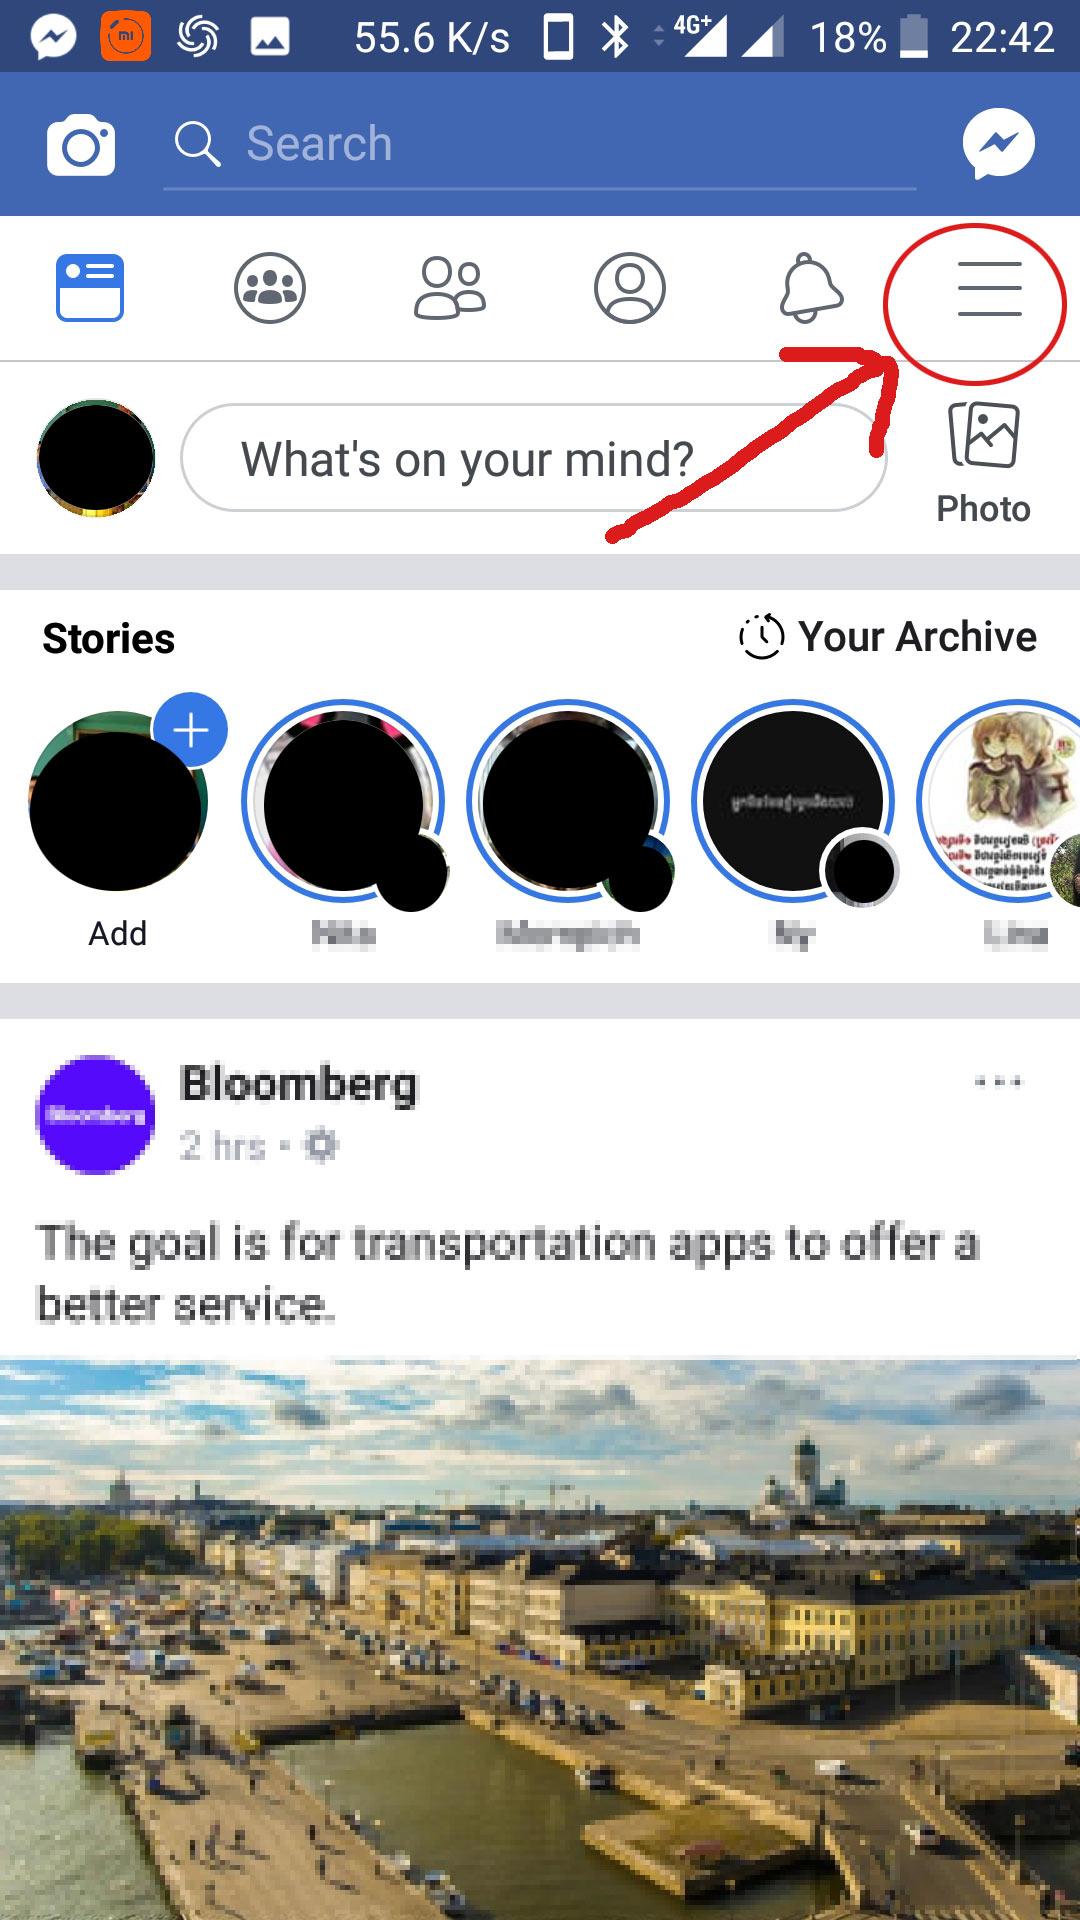 របៀបឆែកមើលគណនីហ្វេសប៊ុក (Facebook Account) ថាតើមានគេលួចចូលមើលឬអត់តាមរយៈកម្មវិធីហ្វេសប៊ុកលើទូរស័ព្ទដៃ។